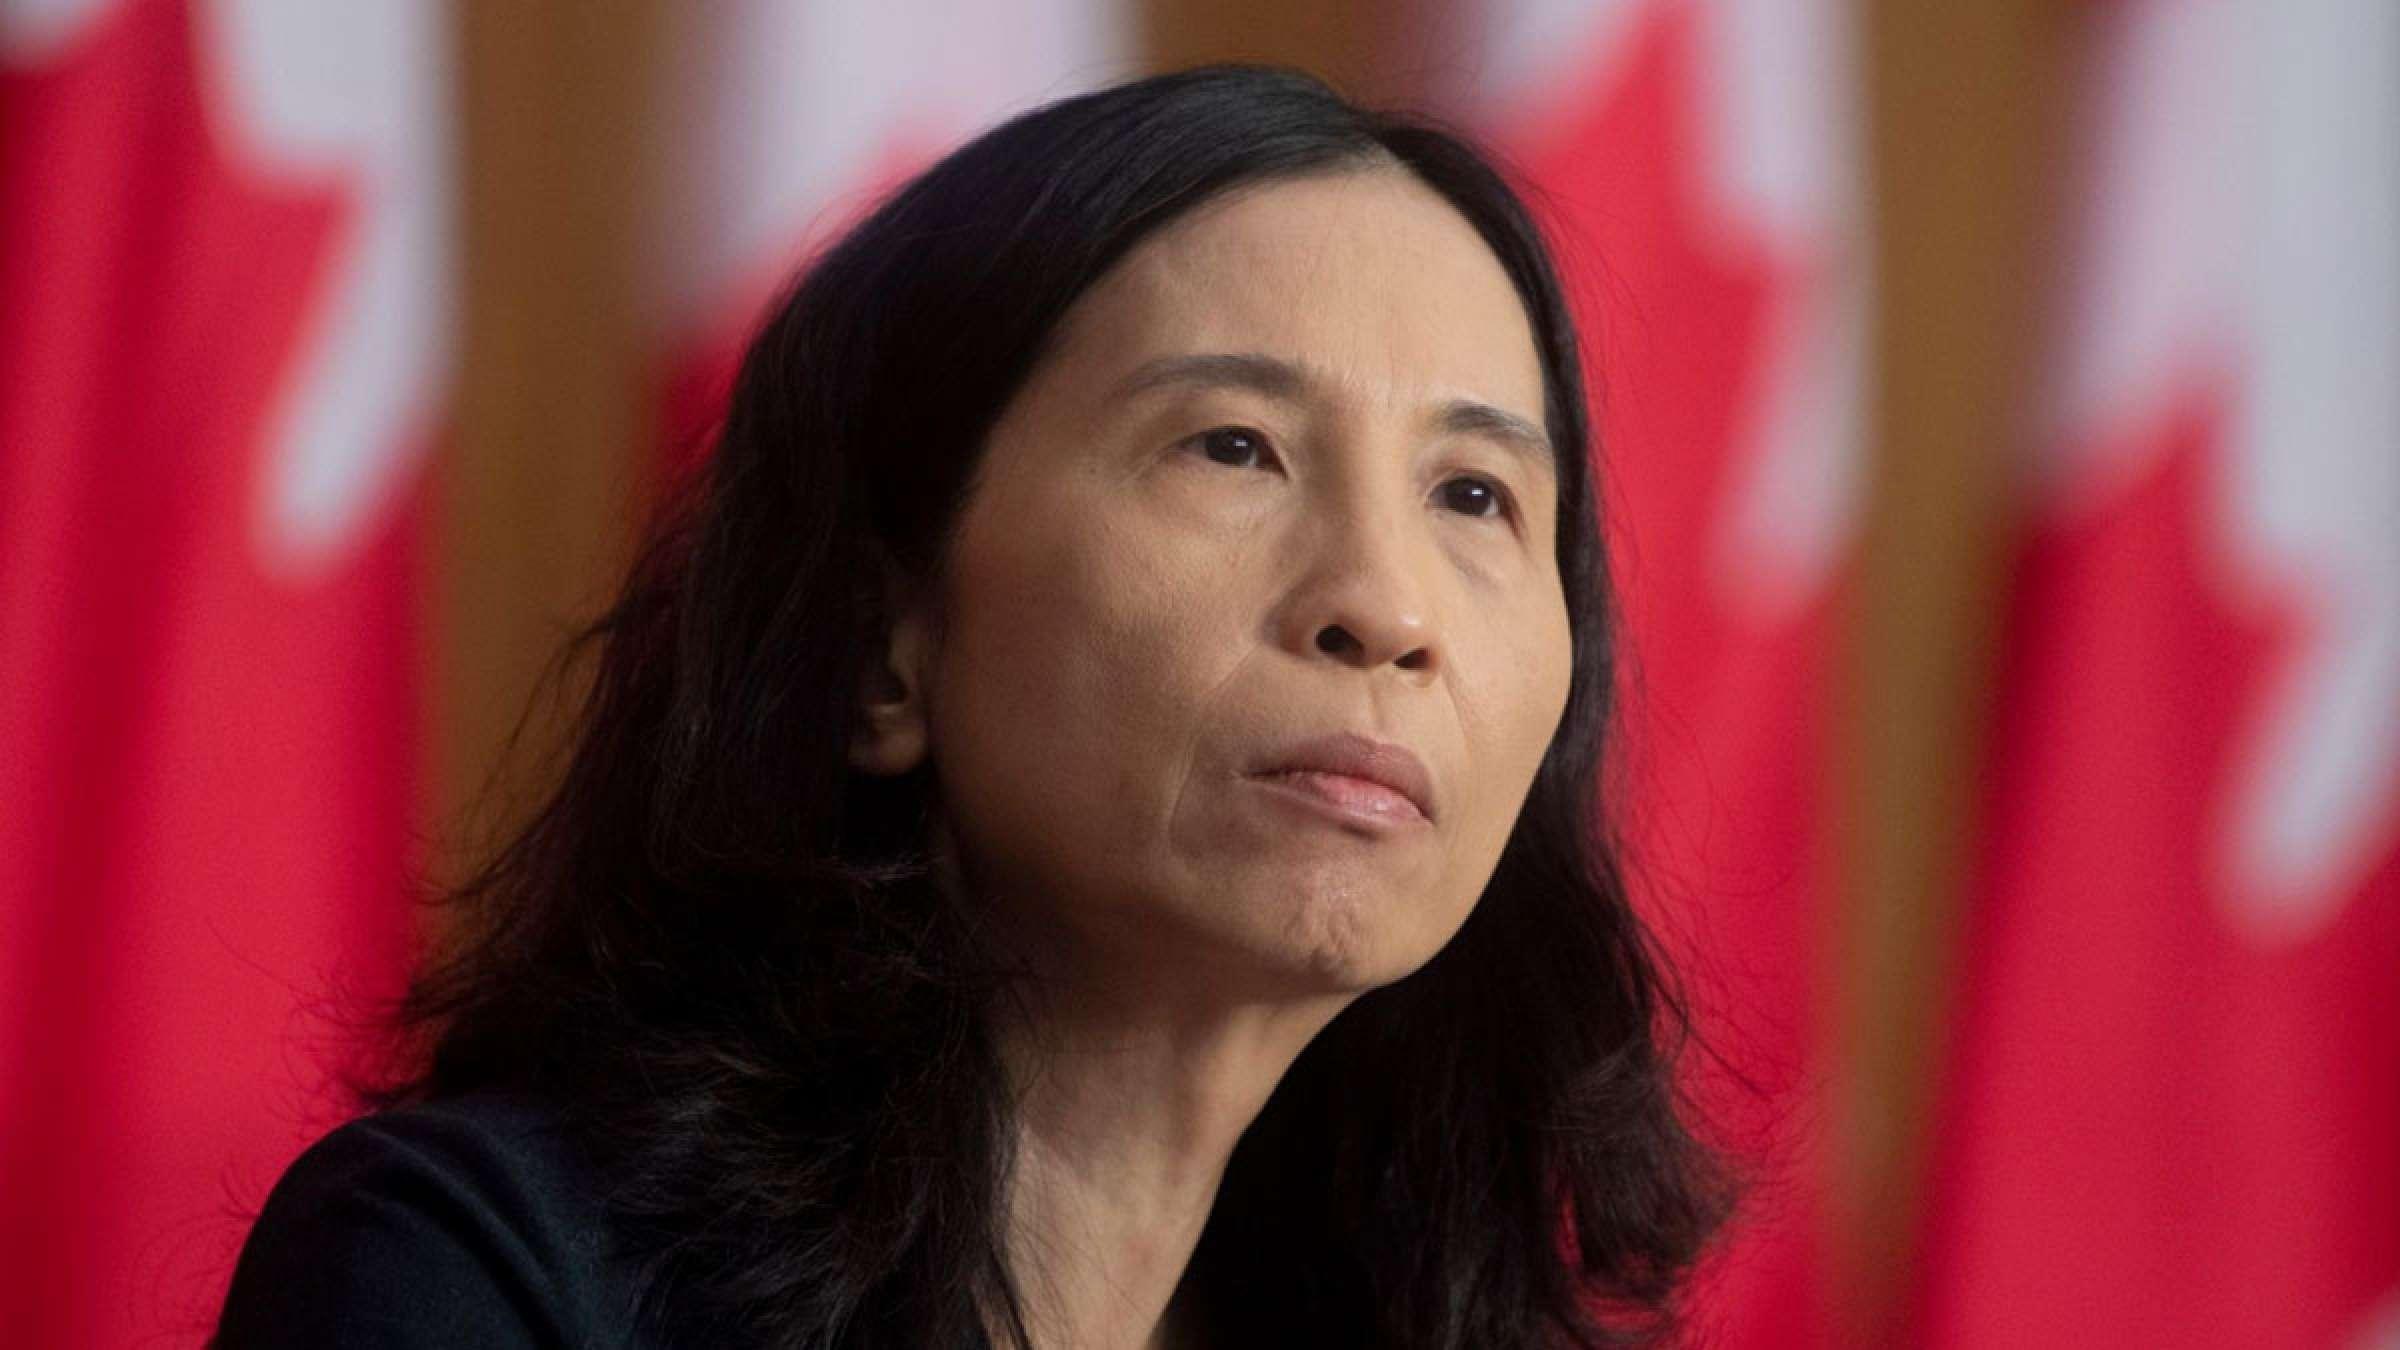 خبر-کانادا-اگر-هر-دو-دوز-واکسن-کرونا-را-بزنید-چه-کارهایی-می-توانید-یا-هنوز-نمی-توانید-انجام-دهید